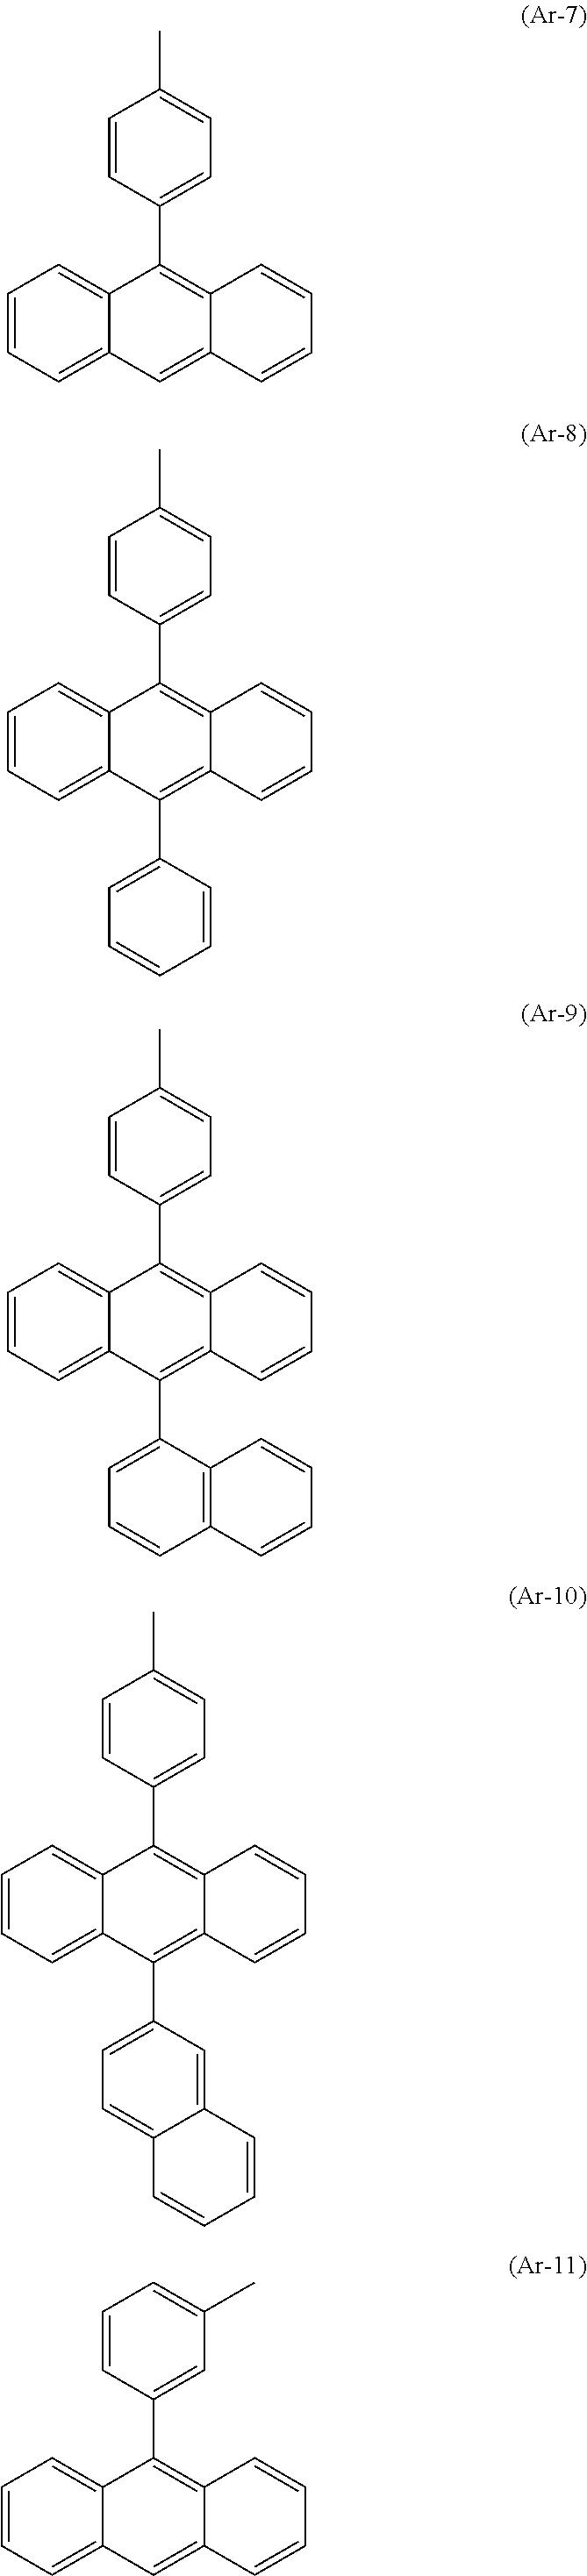 Figure US09240558-20160119-C00082